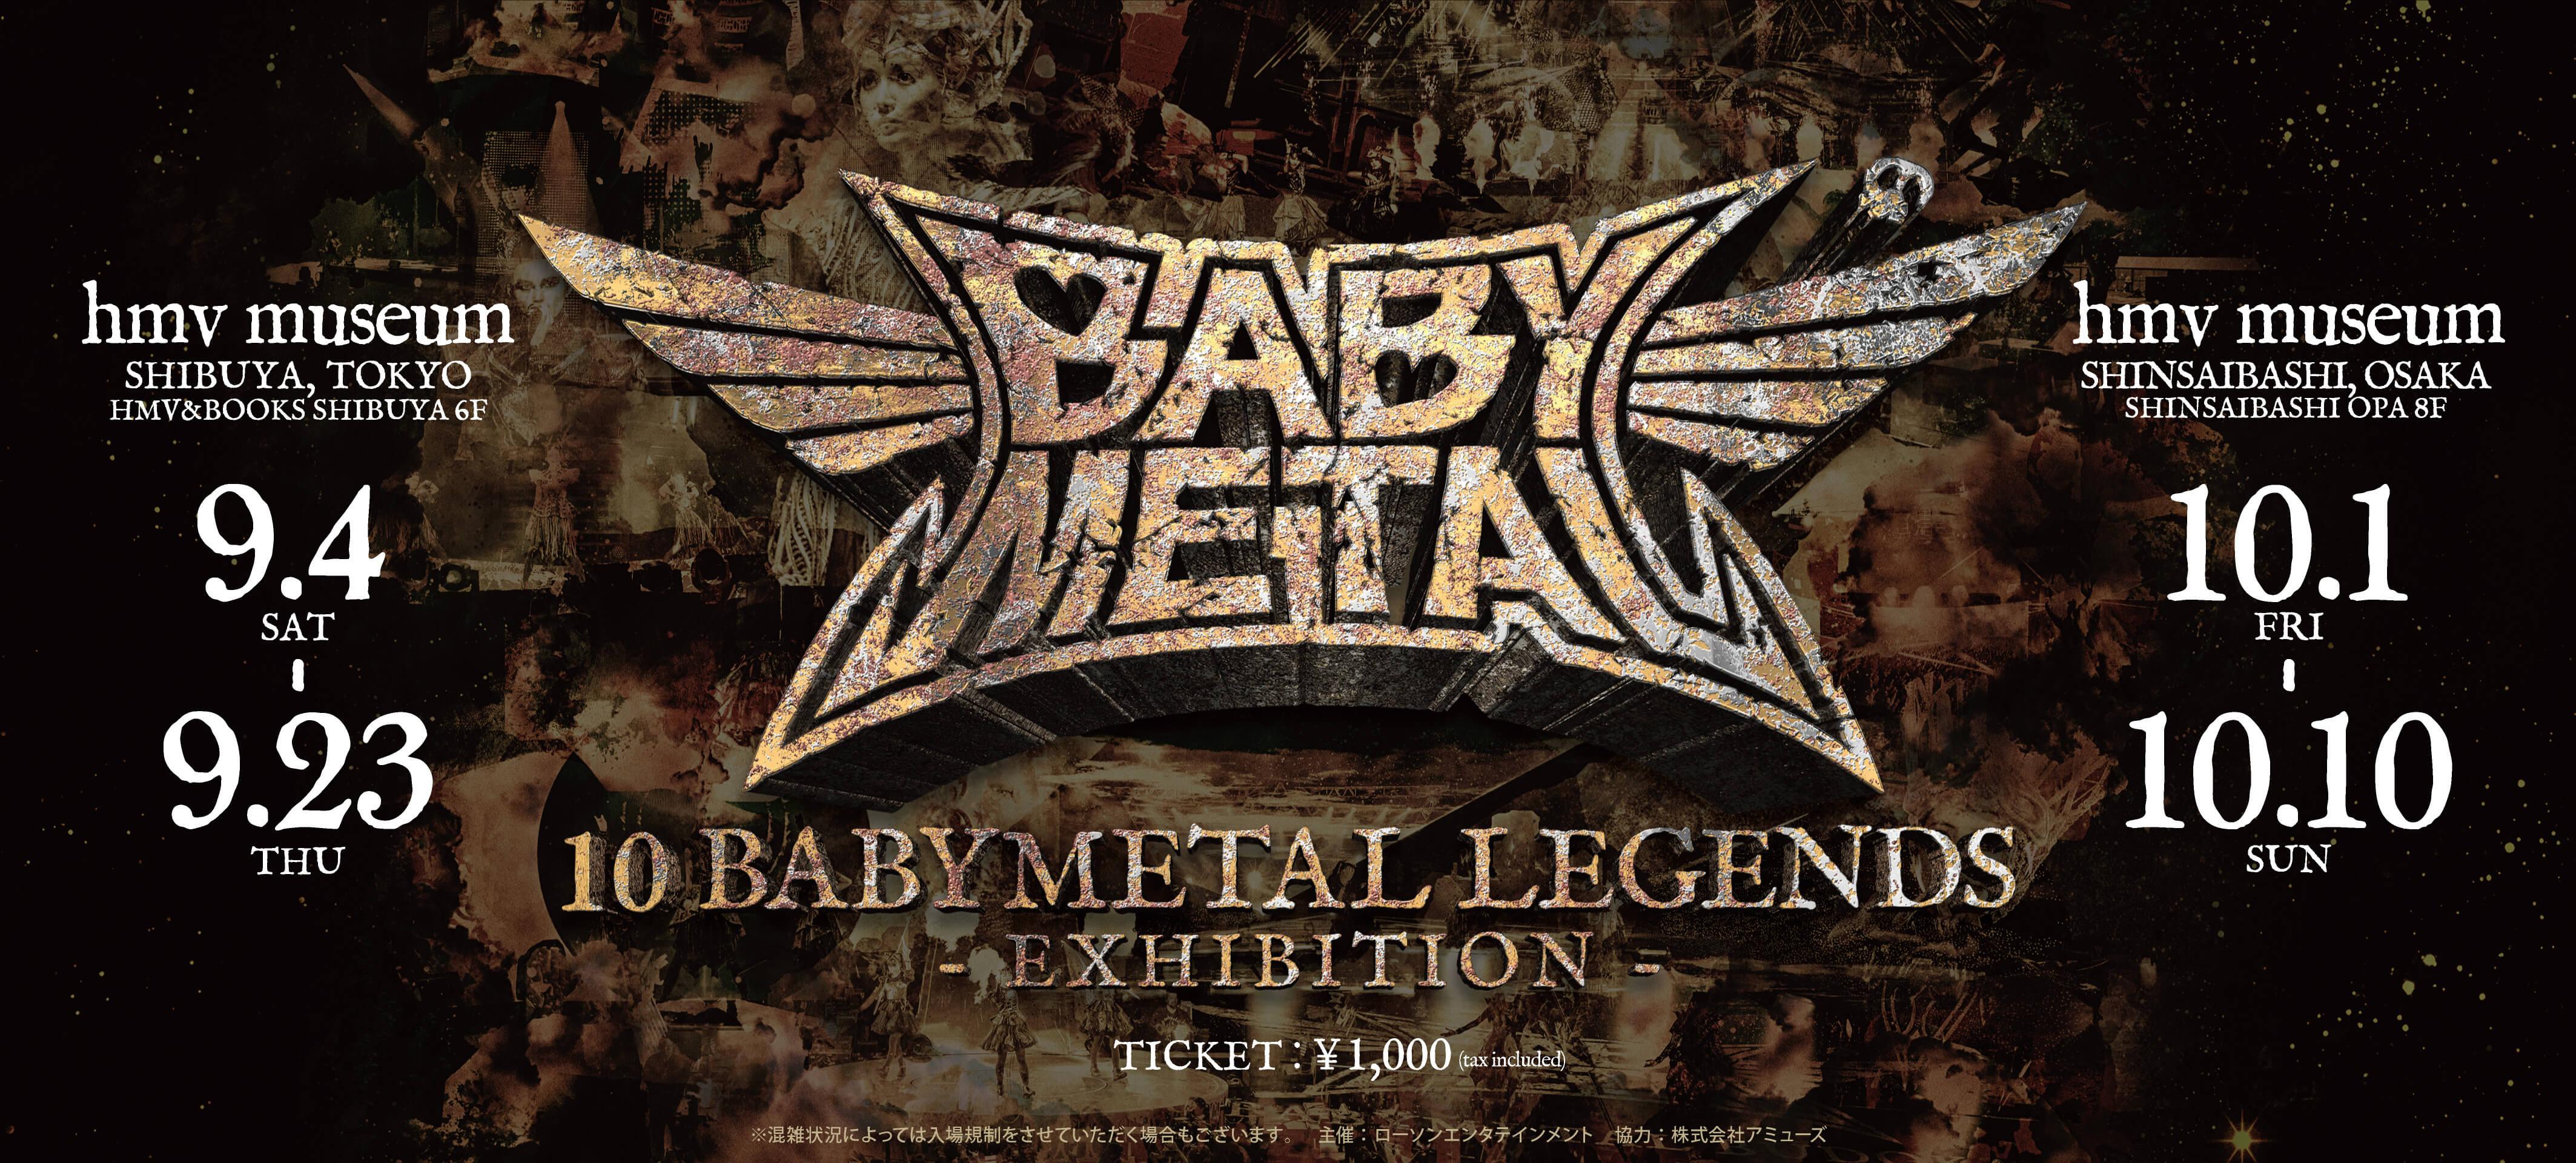 %e3%80%8c10-babymetal-legends-exhibition-%e3%80%8d1-1-2